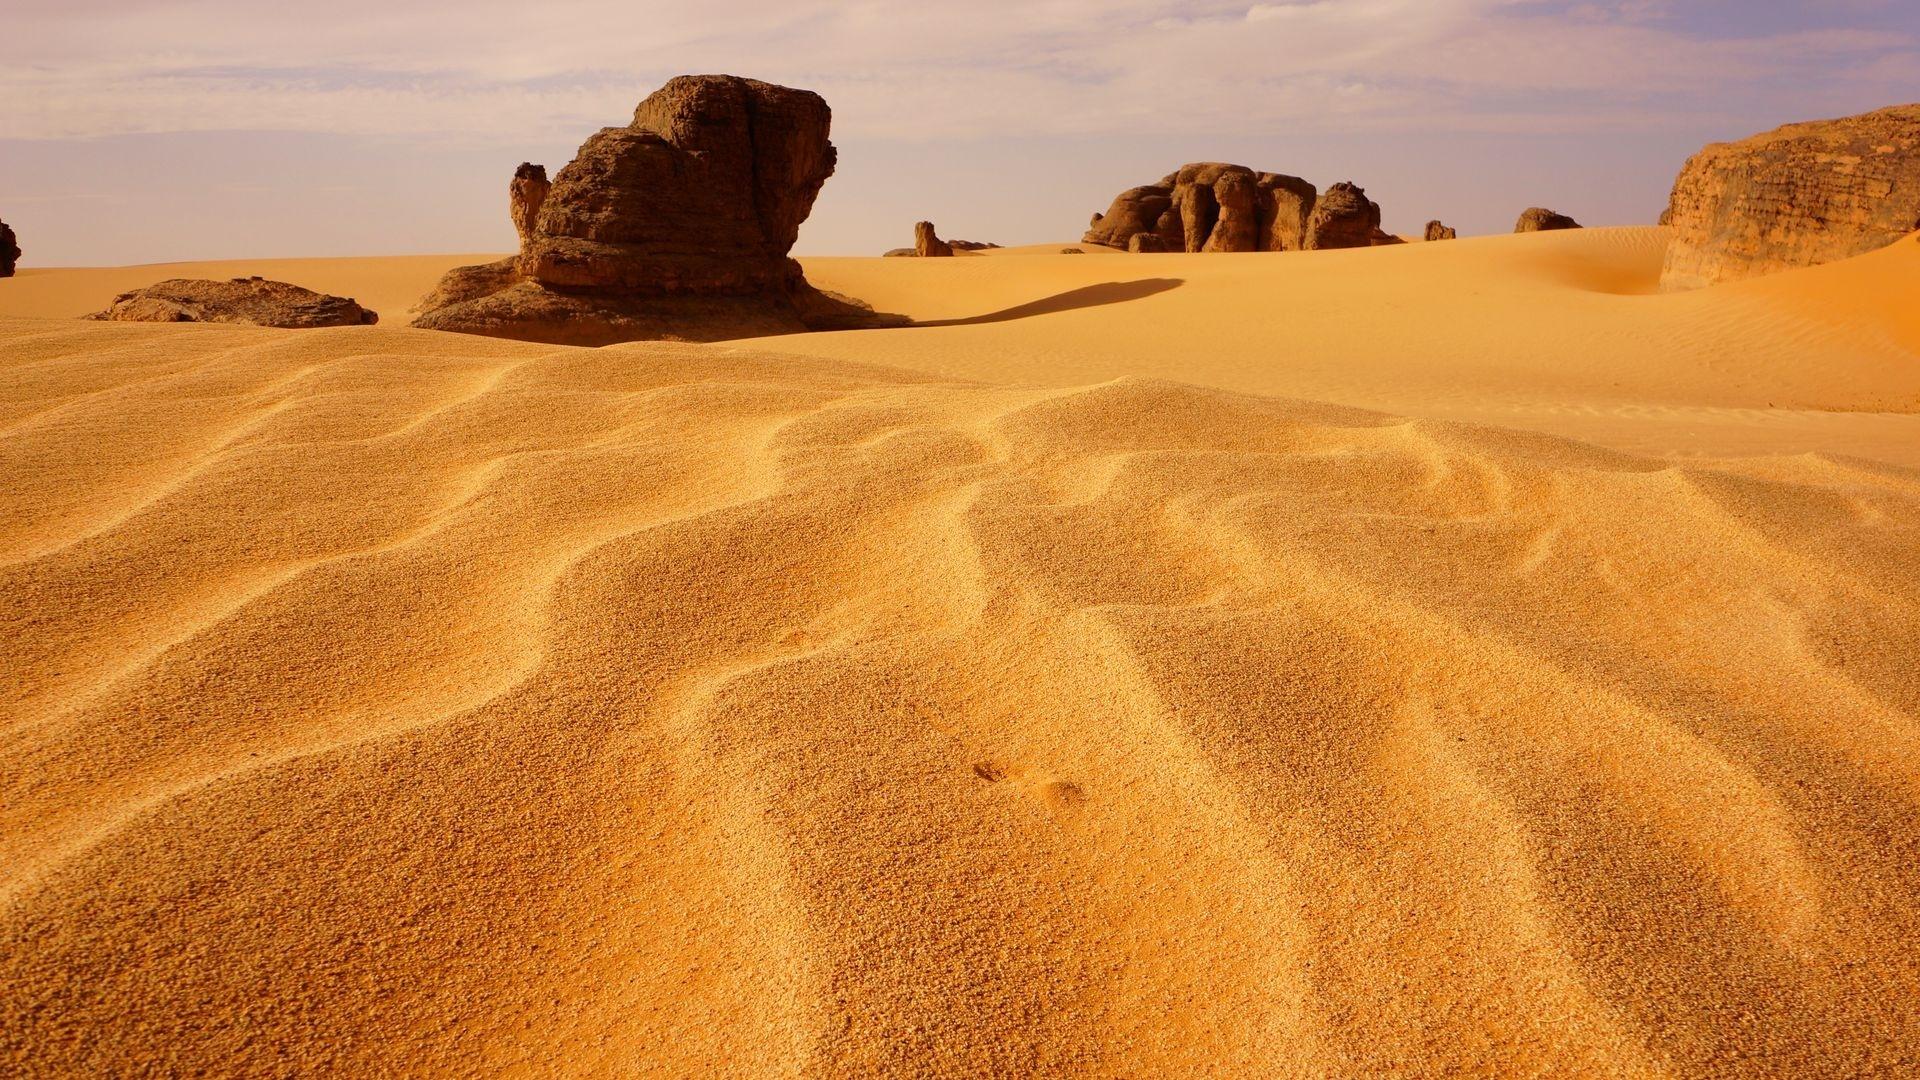 Desert Wallpaper theme